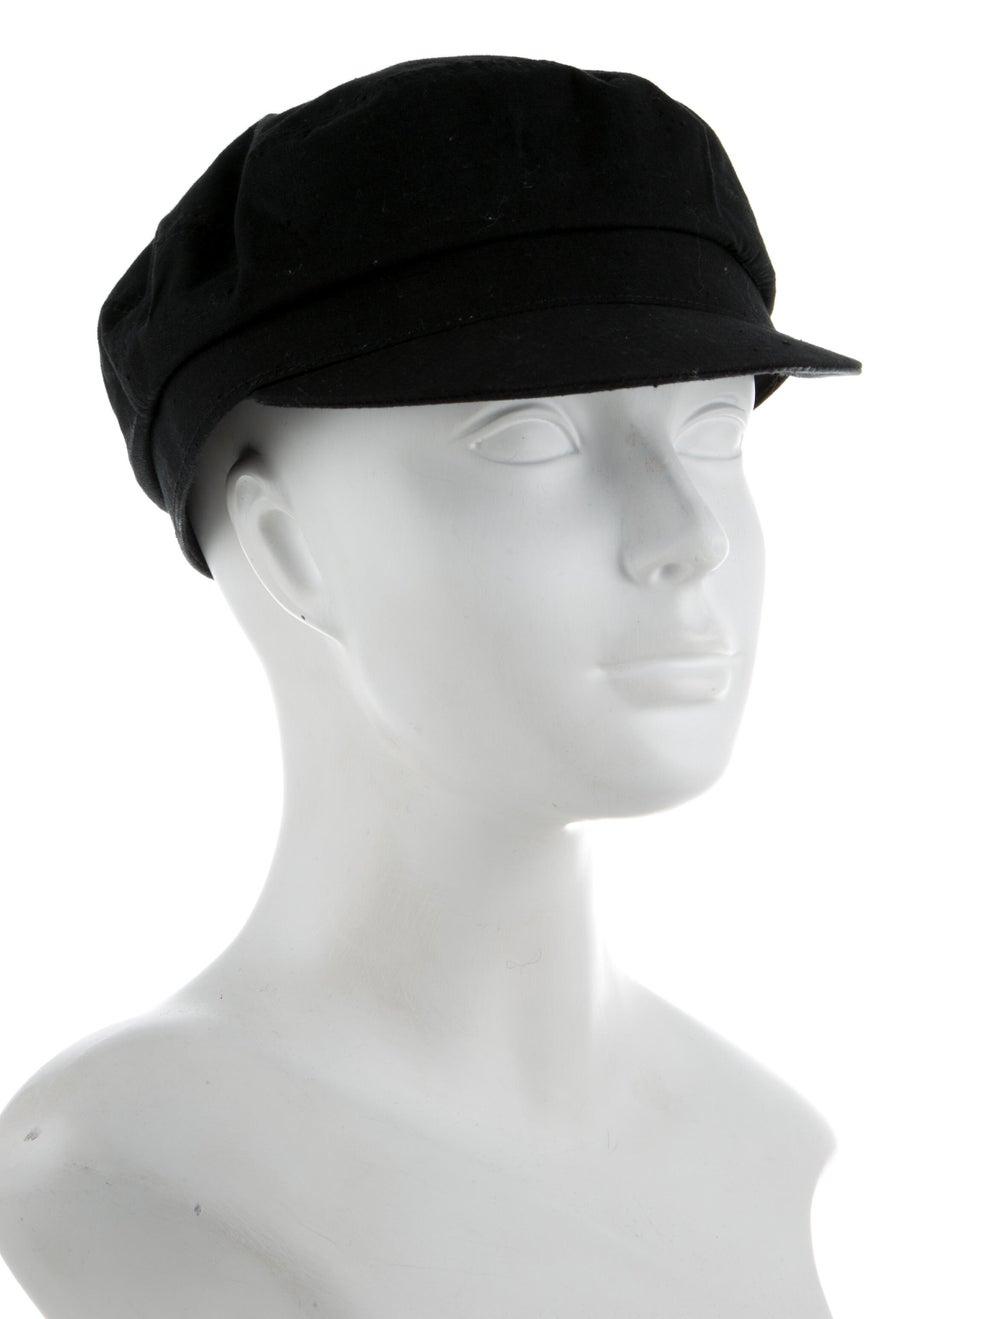 Isabel Marant Newsboy Hat Black - image 3